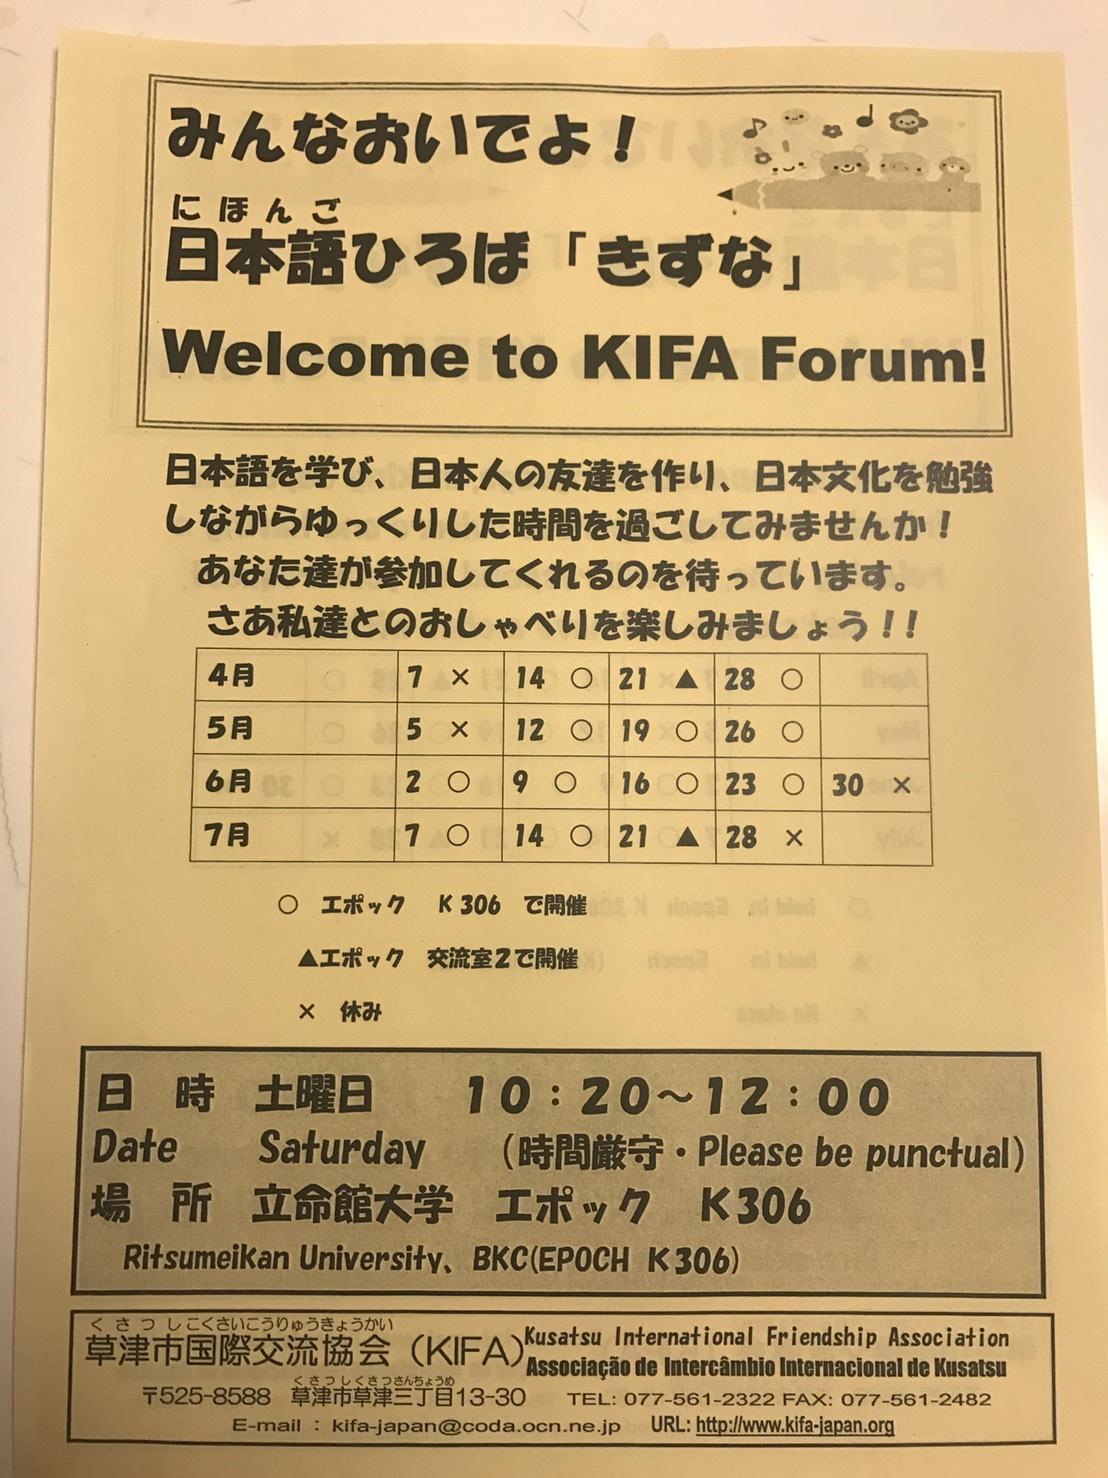 2018年前期 日程表 2018 this term schedule calendar 日本語